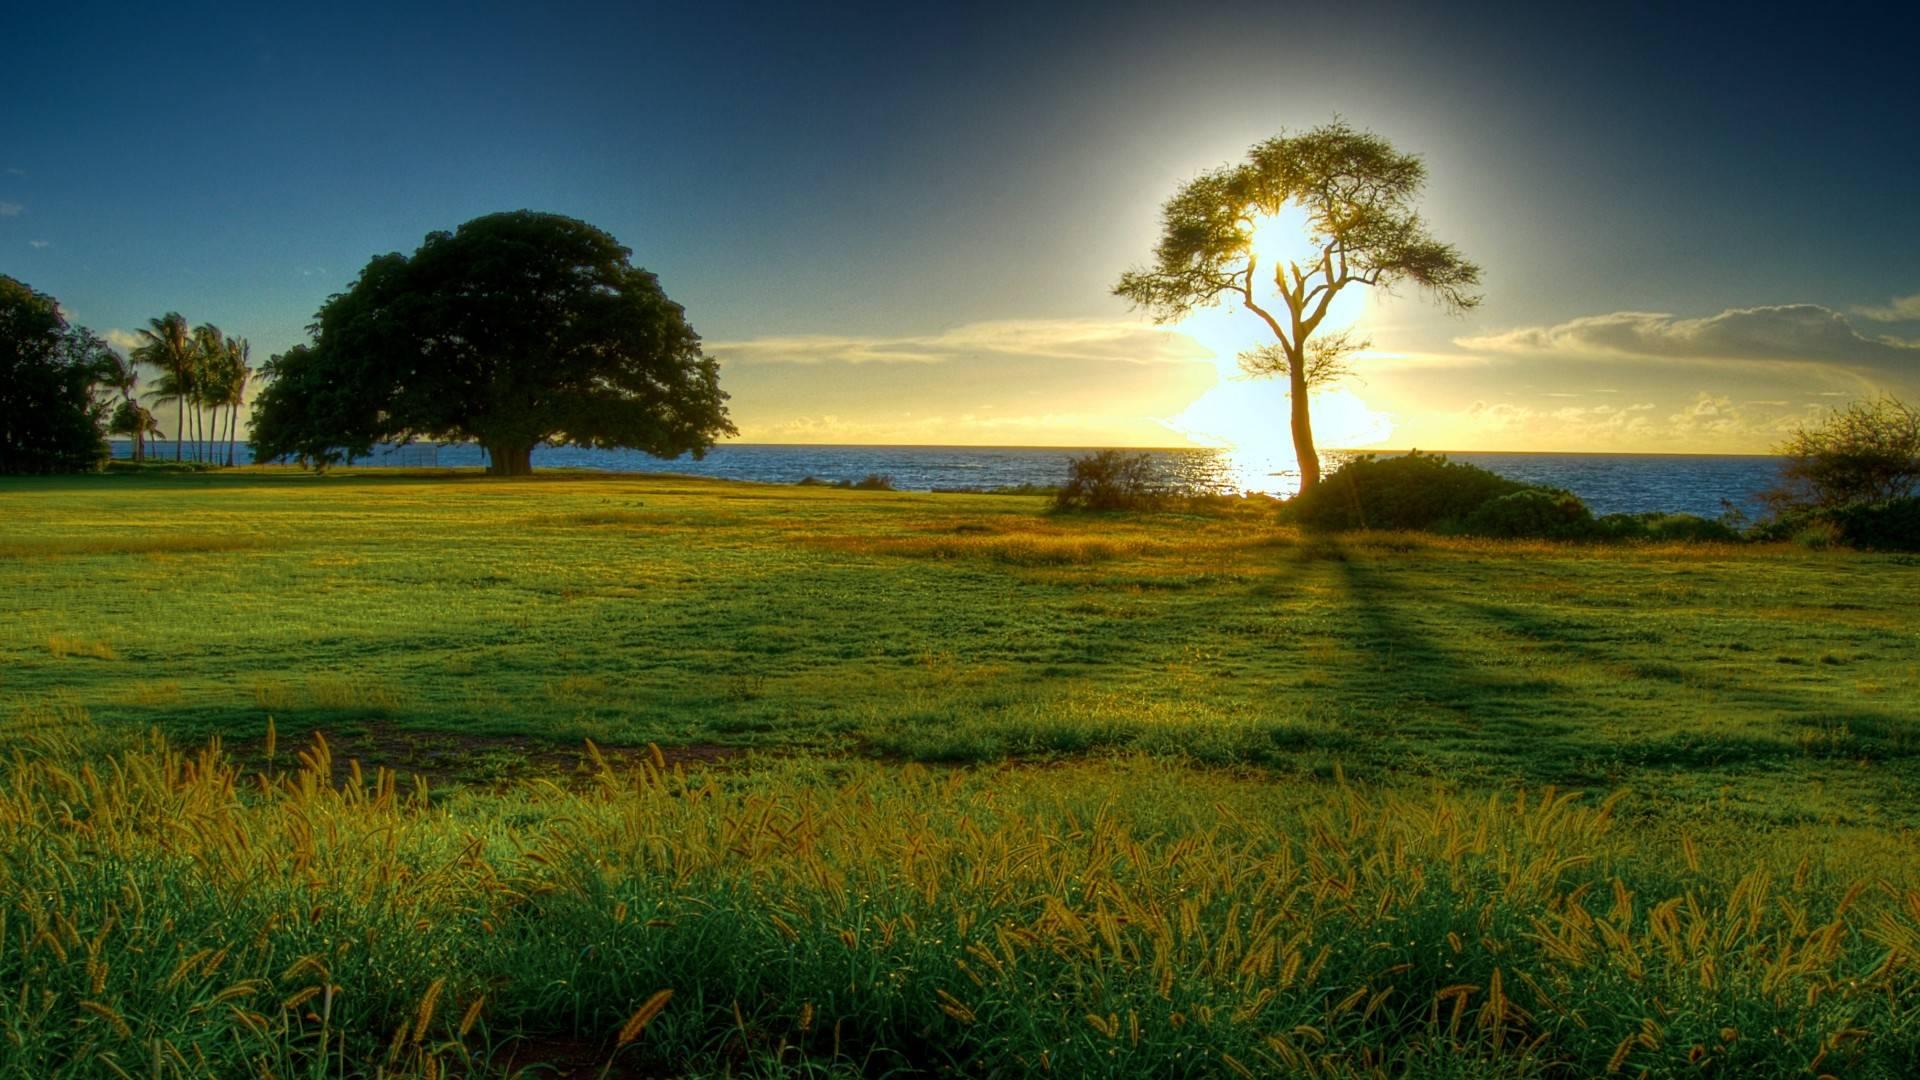 Natural beauty photo